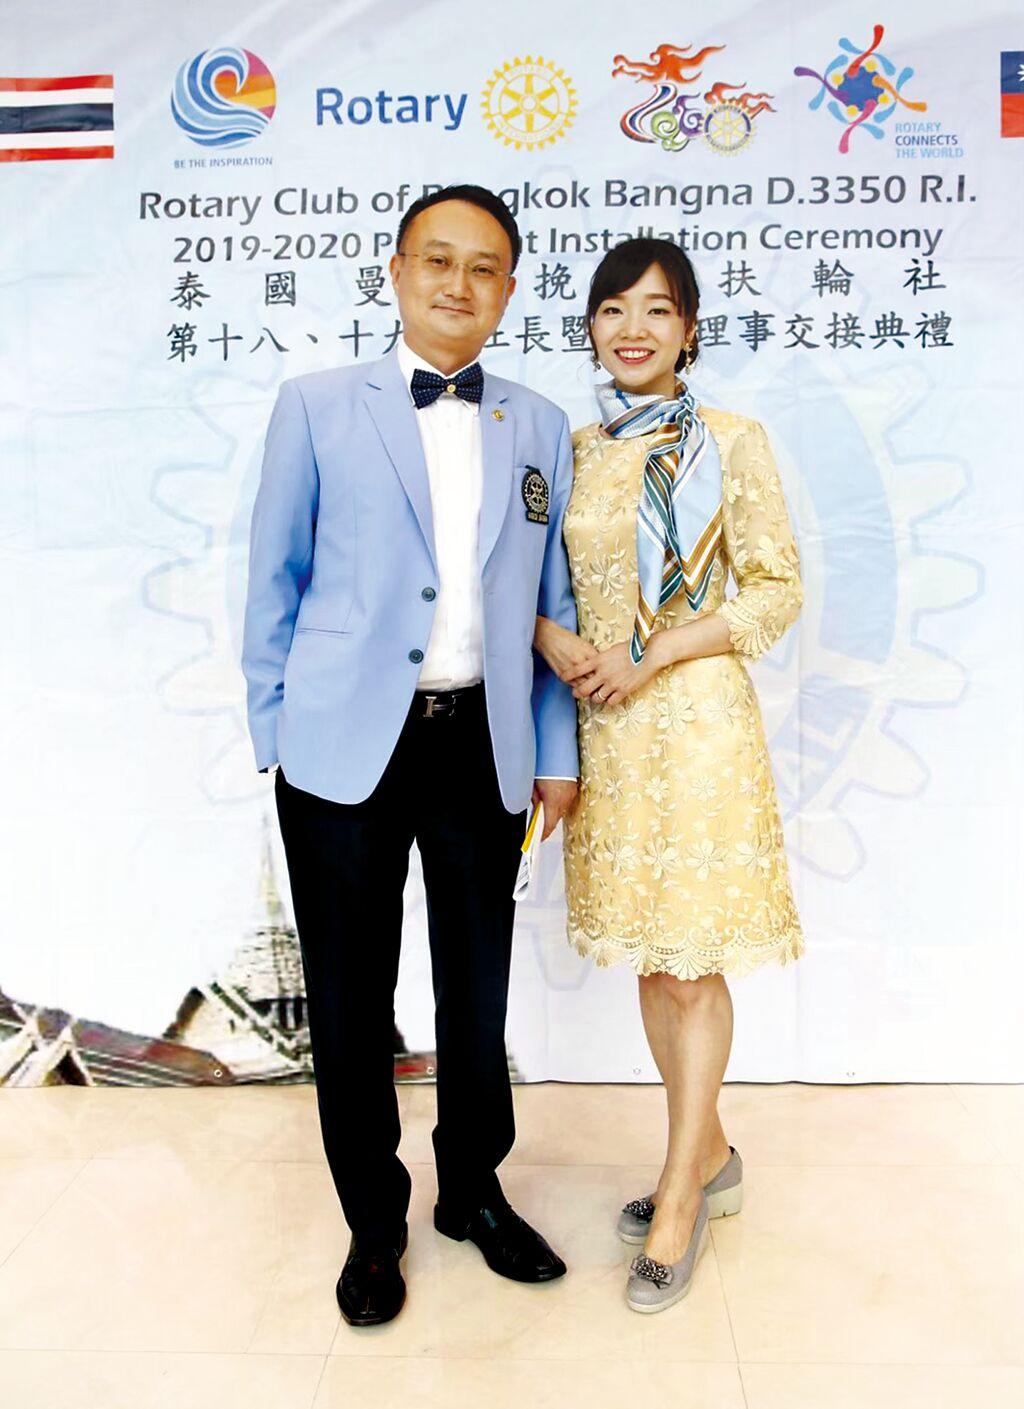 康孆今(右)與先生蘇怡仁(左)分別榮獲華人創業家最高榮譽的「2020創業楷模」與「相扶獎」。圖/環泰企業提供